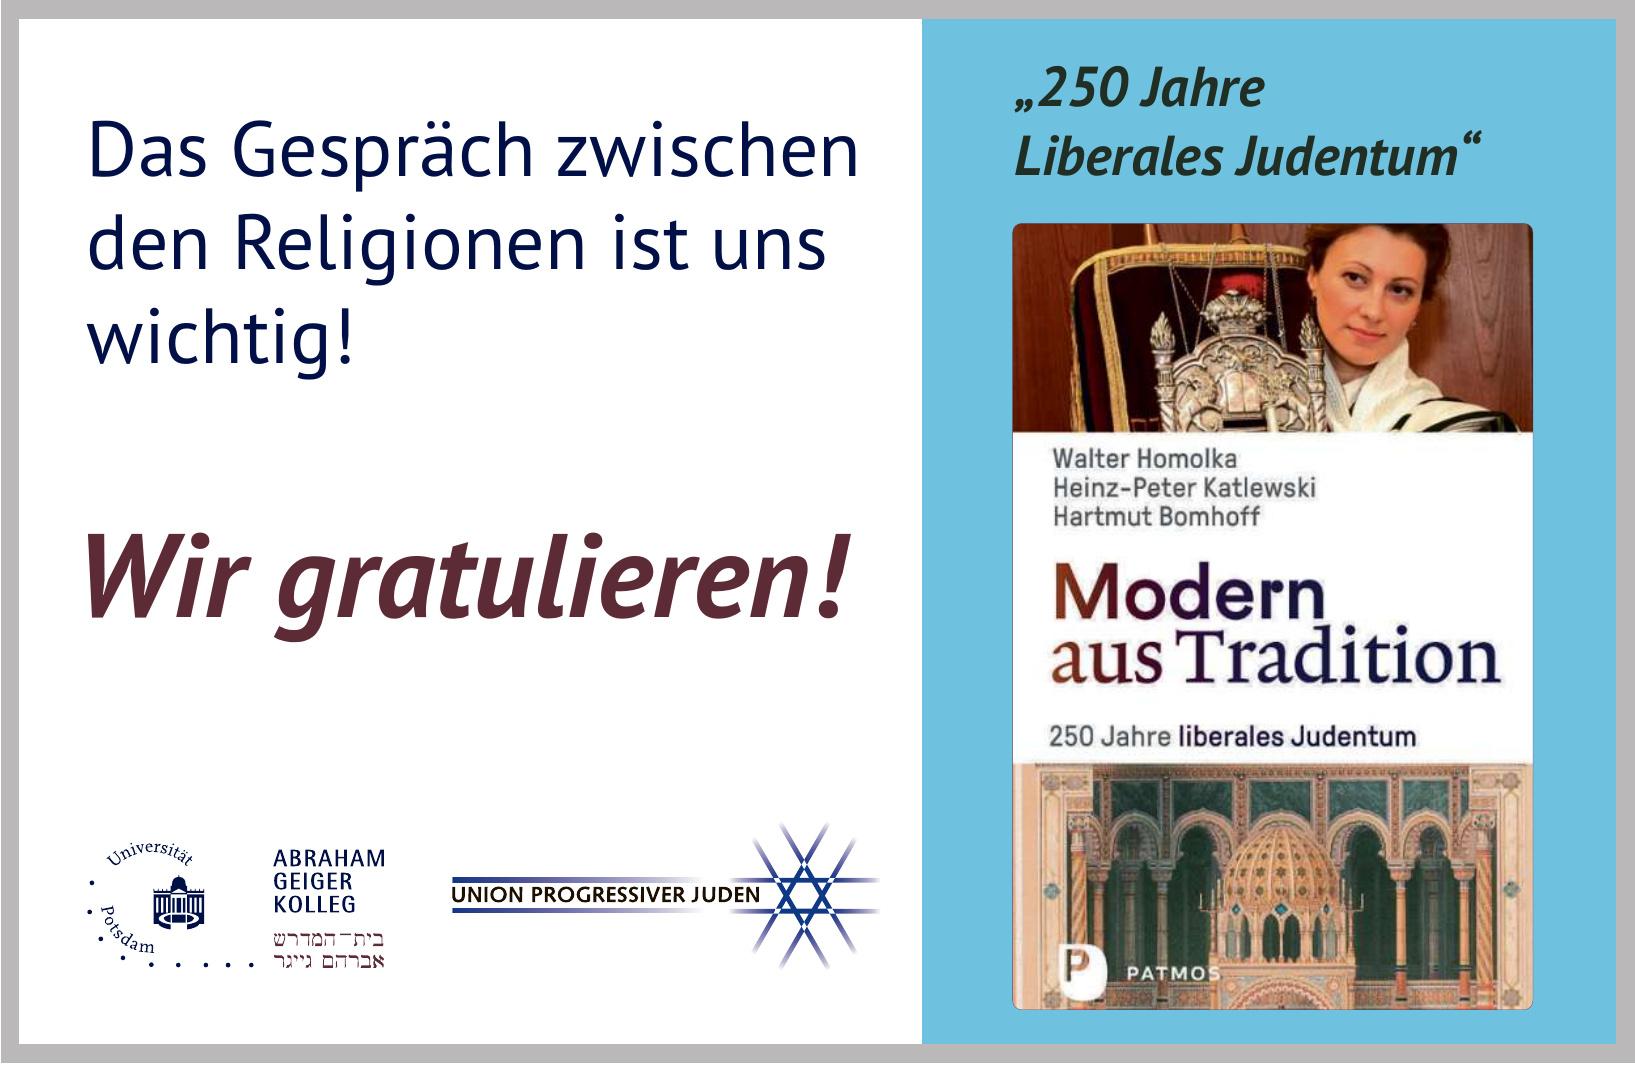 Patmos Verlag - Modern aus Tradition: 250 Jahre liberales Judentum